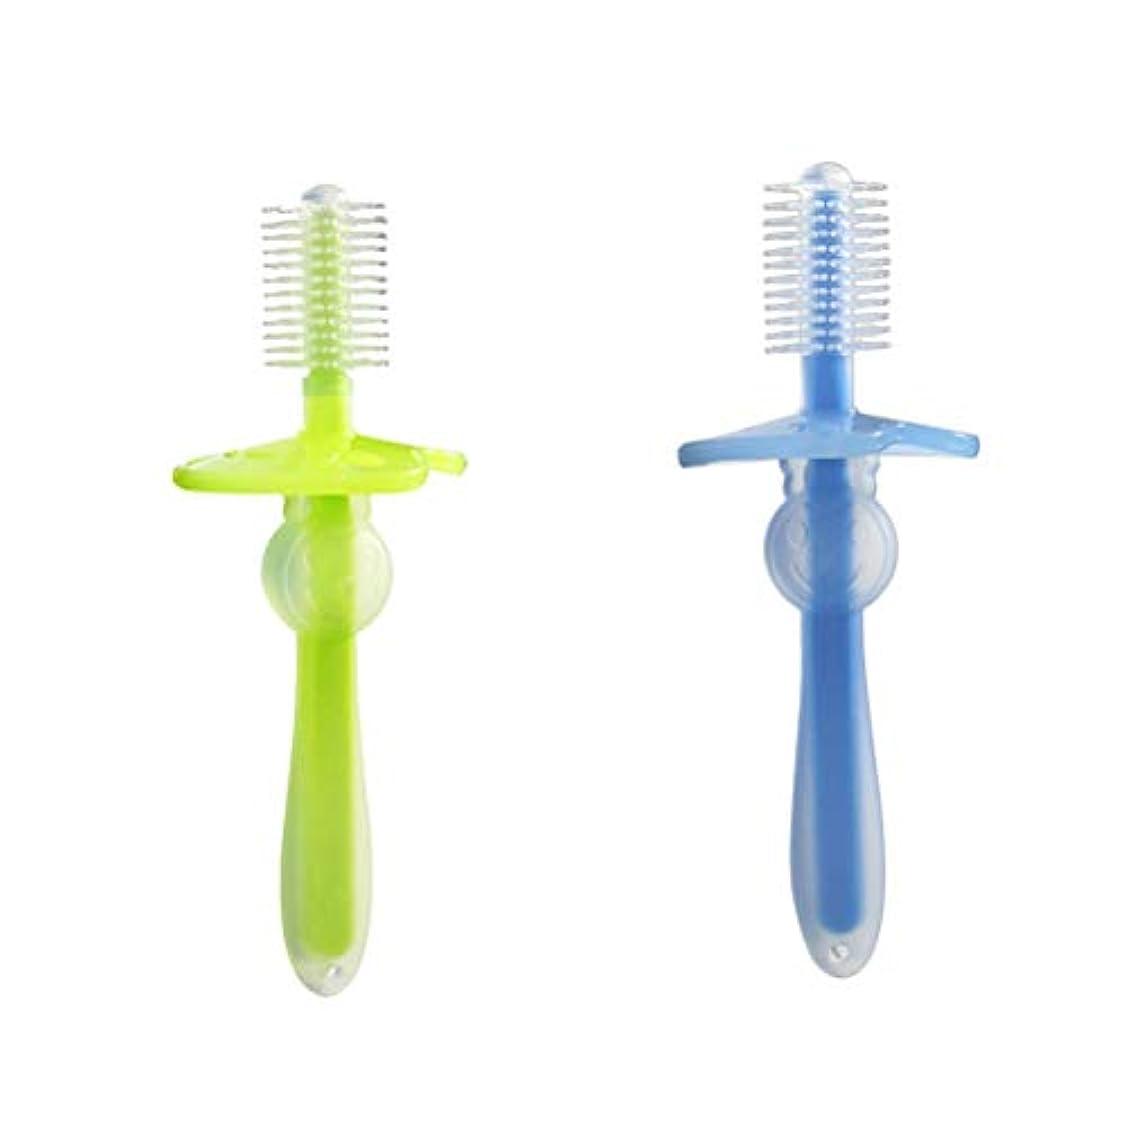 アノイ同情測るHealifty 歯ブラシ シリコン 360°ベビー歯ブラシ 幼児 柔軟なトレーニング歯ブラシ 2ピース(緑と青)